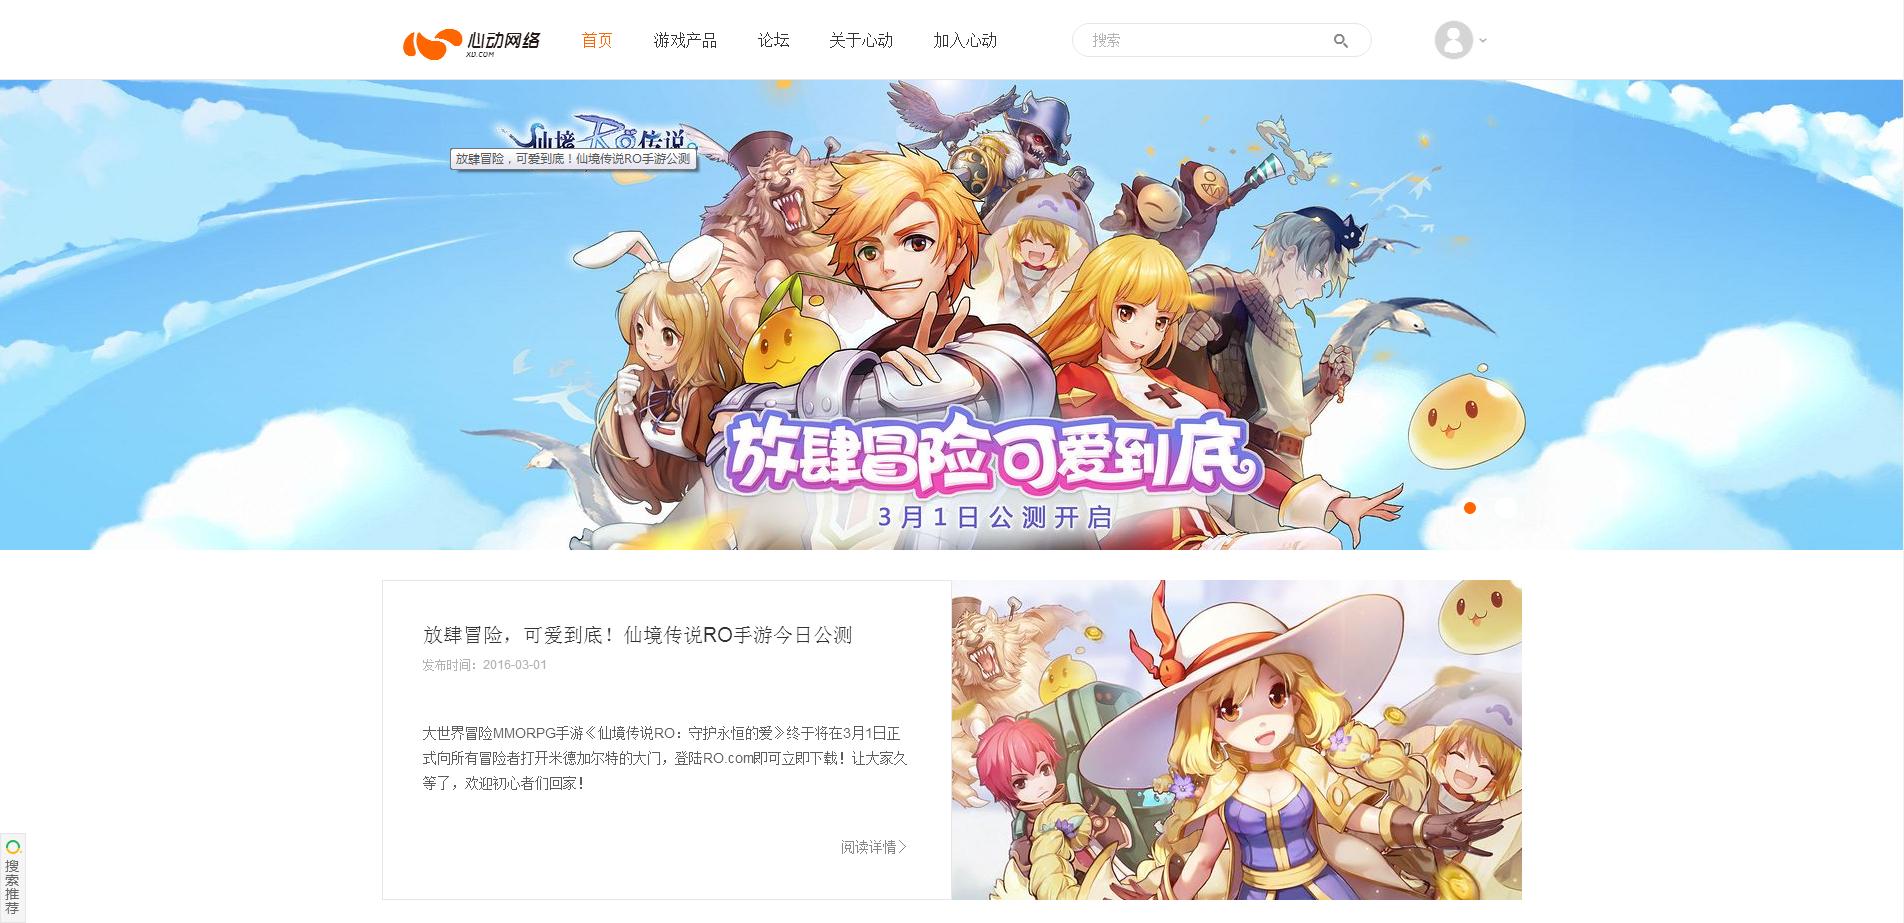 响应式网络游戏公司企业官网网站模板整站下载